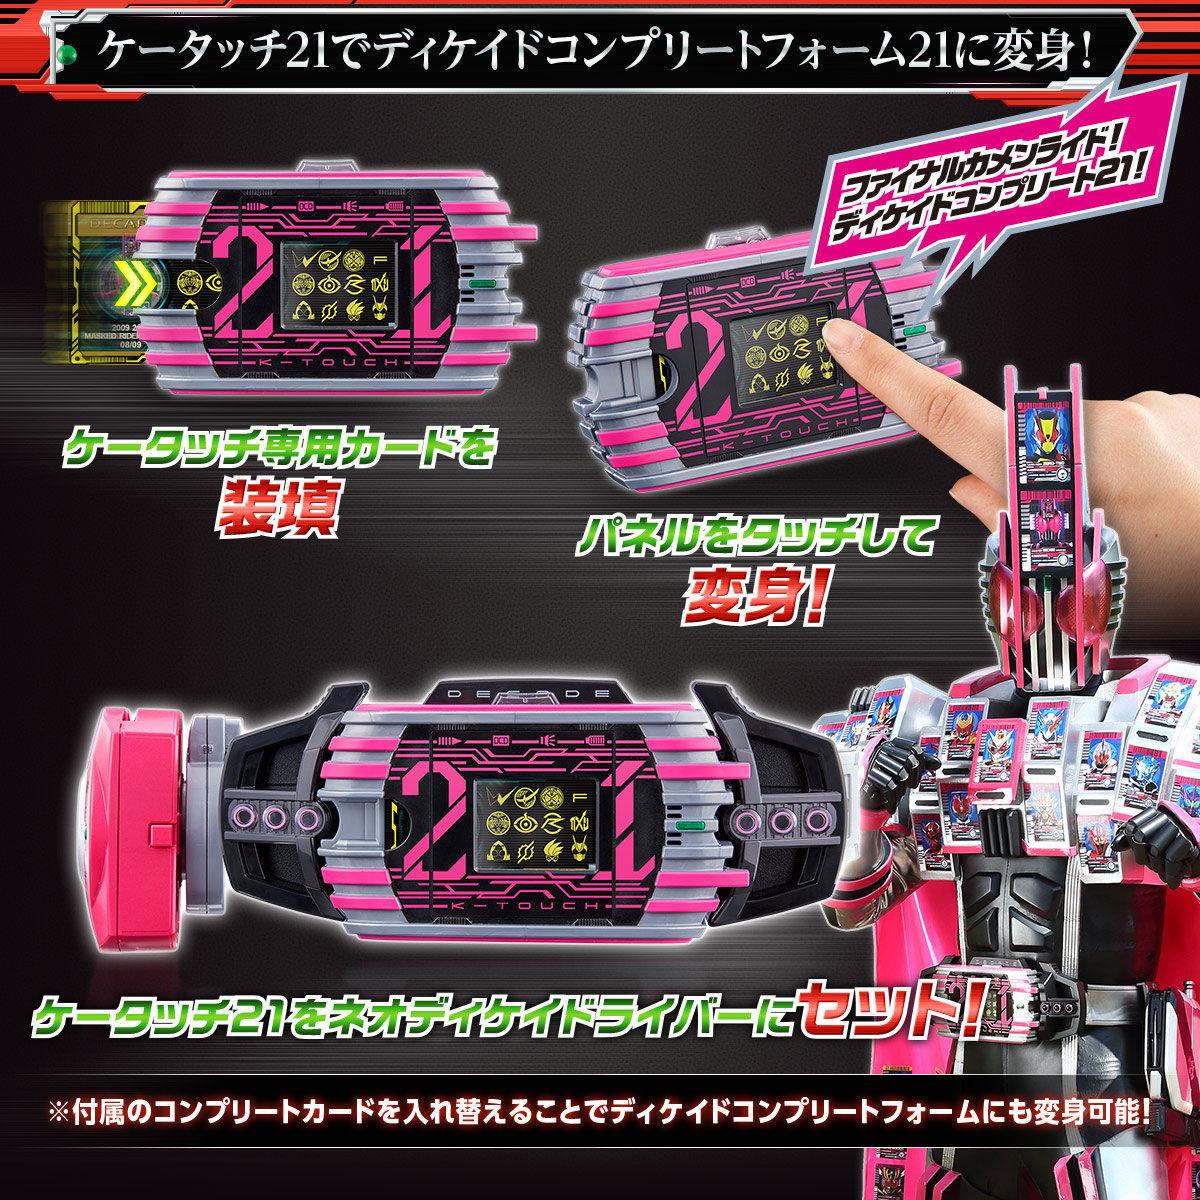 【限定販売】仮面ライダージオウ『DXネオディケイドライバー&ケータッチ21』変身ベルト-006